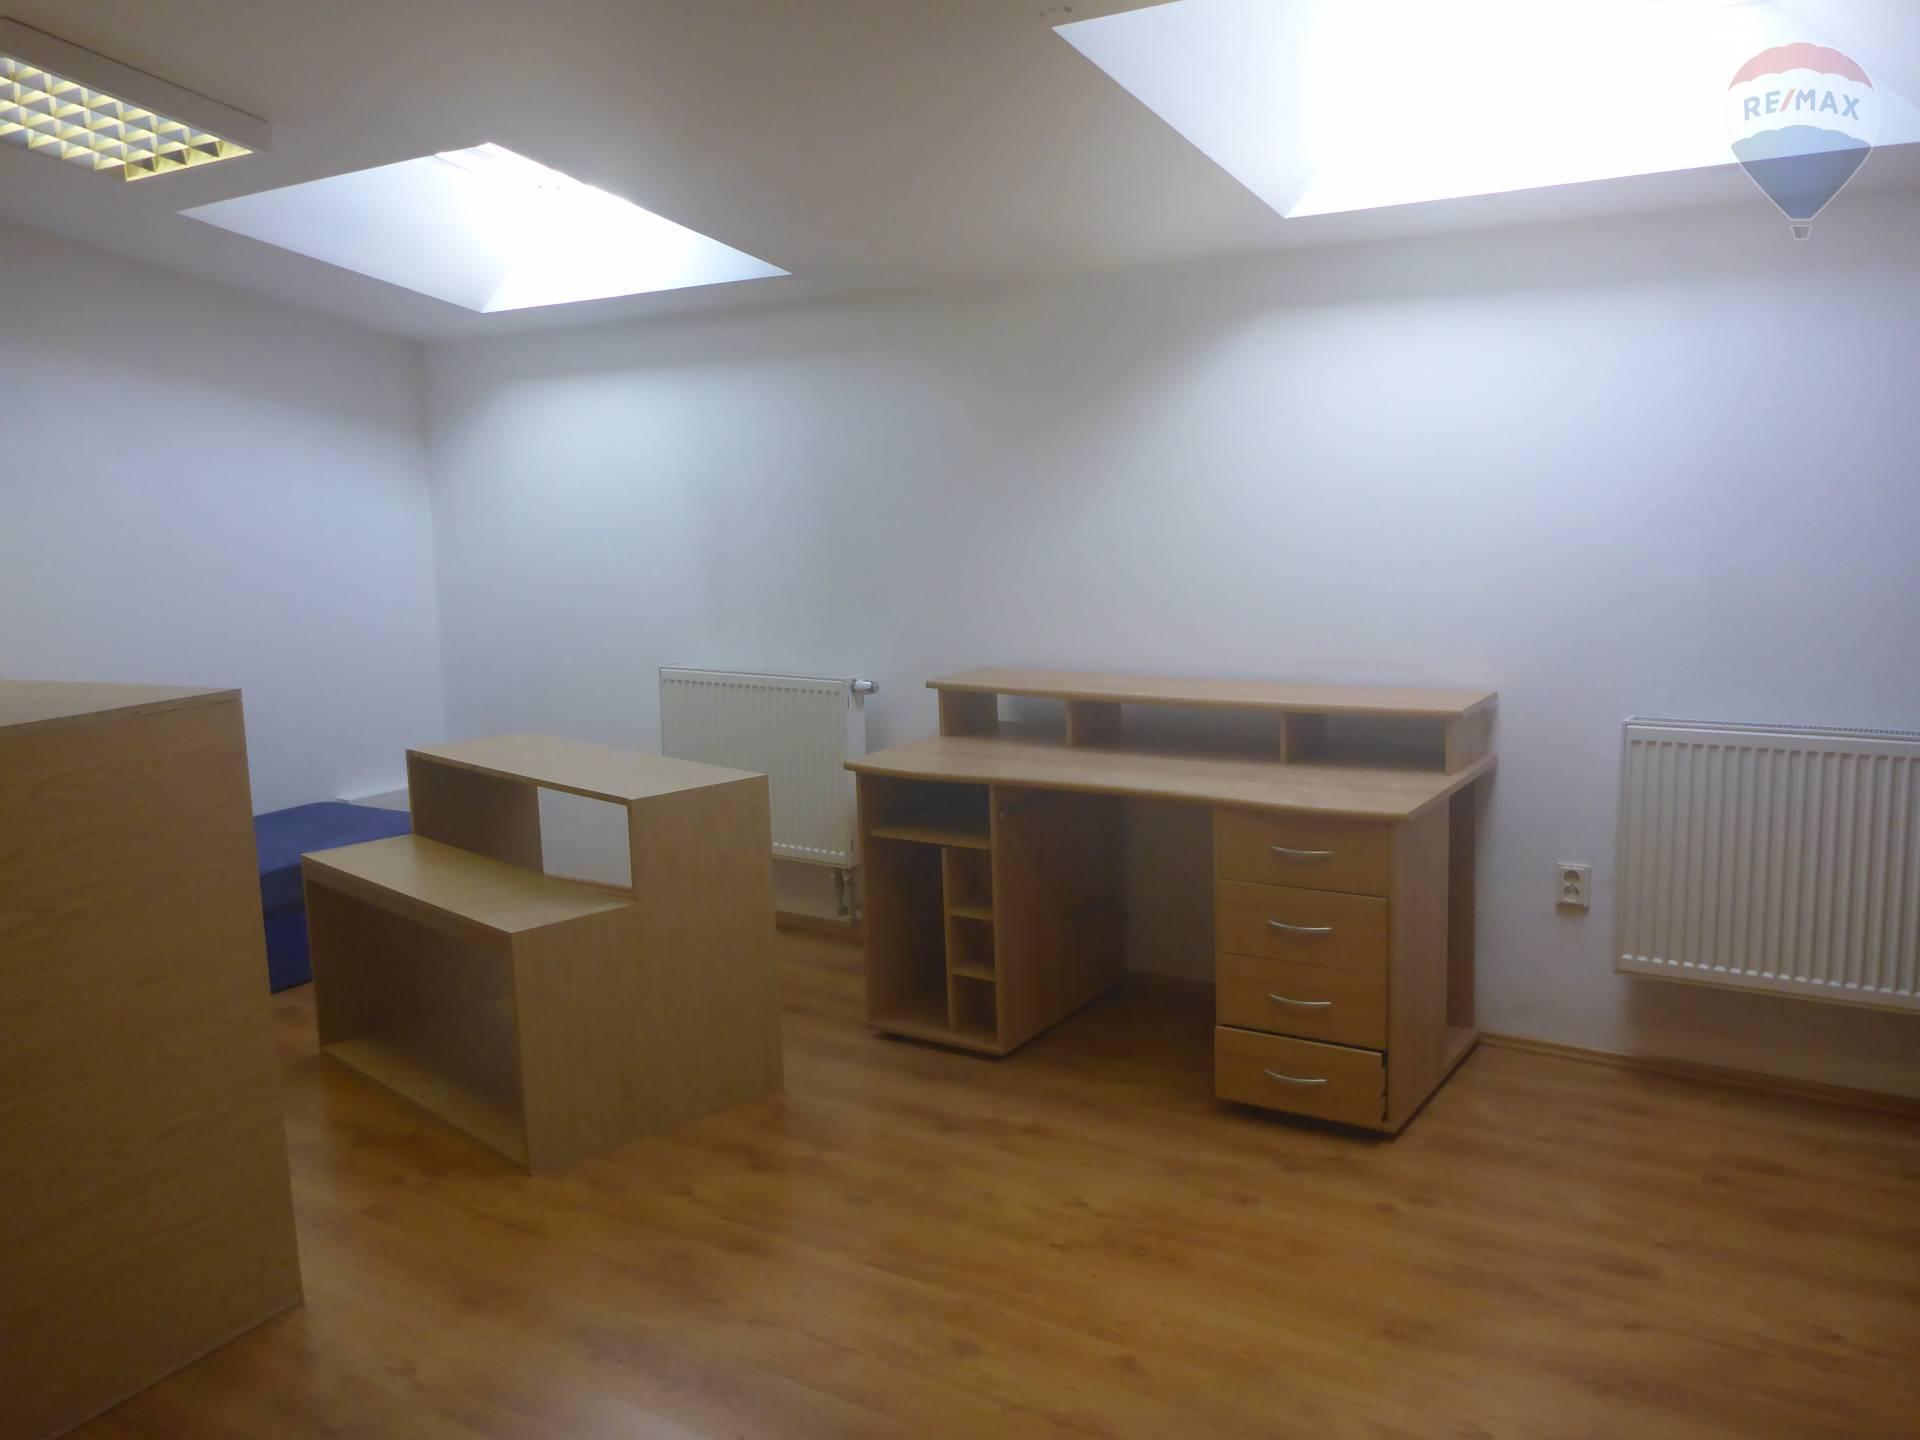 Prenájom komerčného priestoru 130 m2, Bratislava - Petržalka - Na prenájom kancelársky priestor v Petržalke-Kopčianska ulica